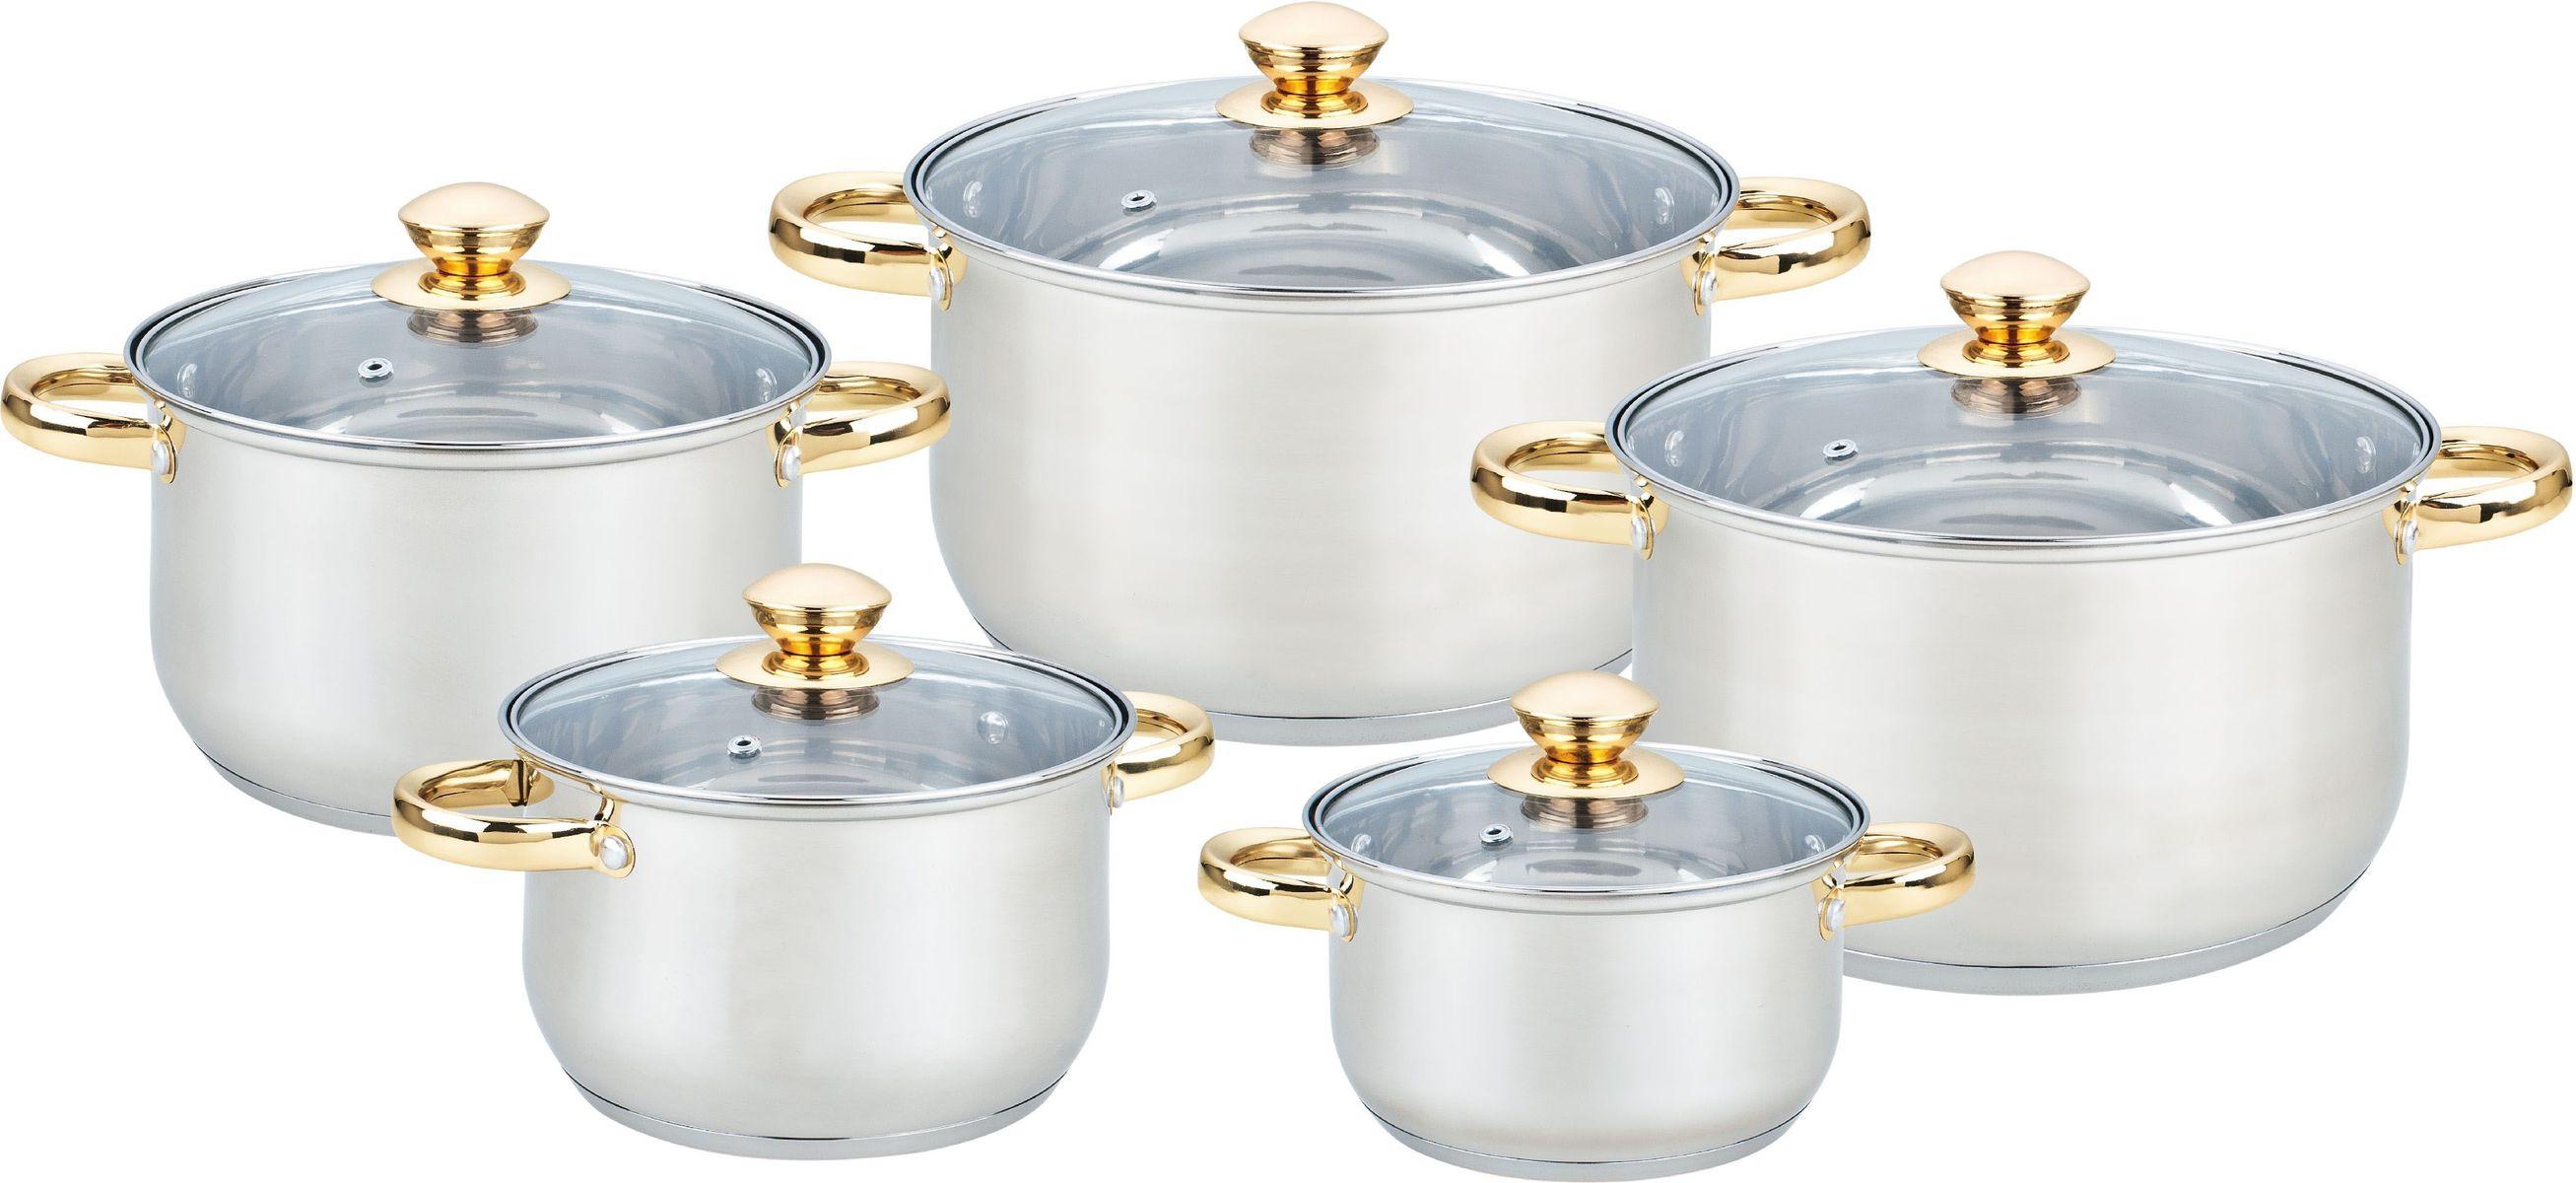 Набор посуды Bekker Jumbo. BK-2596BK-259610 предметов: 5 кастрюль со стеклянными крышками : 16см/2,1л, 18см/2,9л, 20см/3,9л, 24см/6,5л, 24см/6,5л. Ручки из нерж.стали под золото, поверхность зеркальная, мерная шкала на внутренней стенке, капсулированное дно, толщина стенки 0,5 мм, дна 3,5 мм. Подходит для индукц.плит и чистки в посудомоечной машине. Состав: нержавеющая сталь.